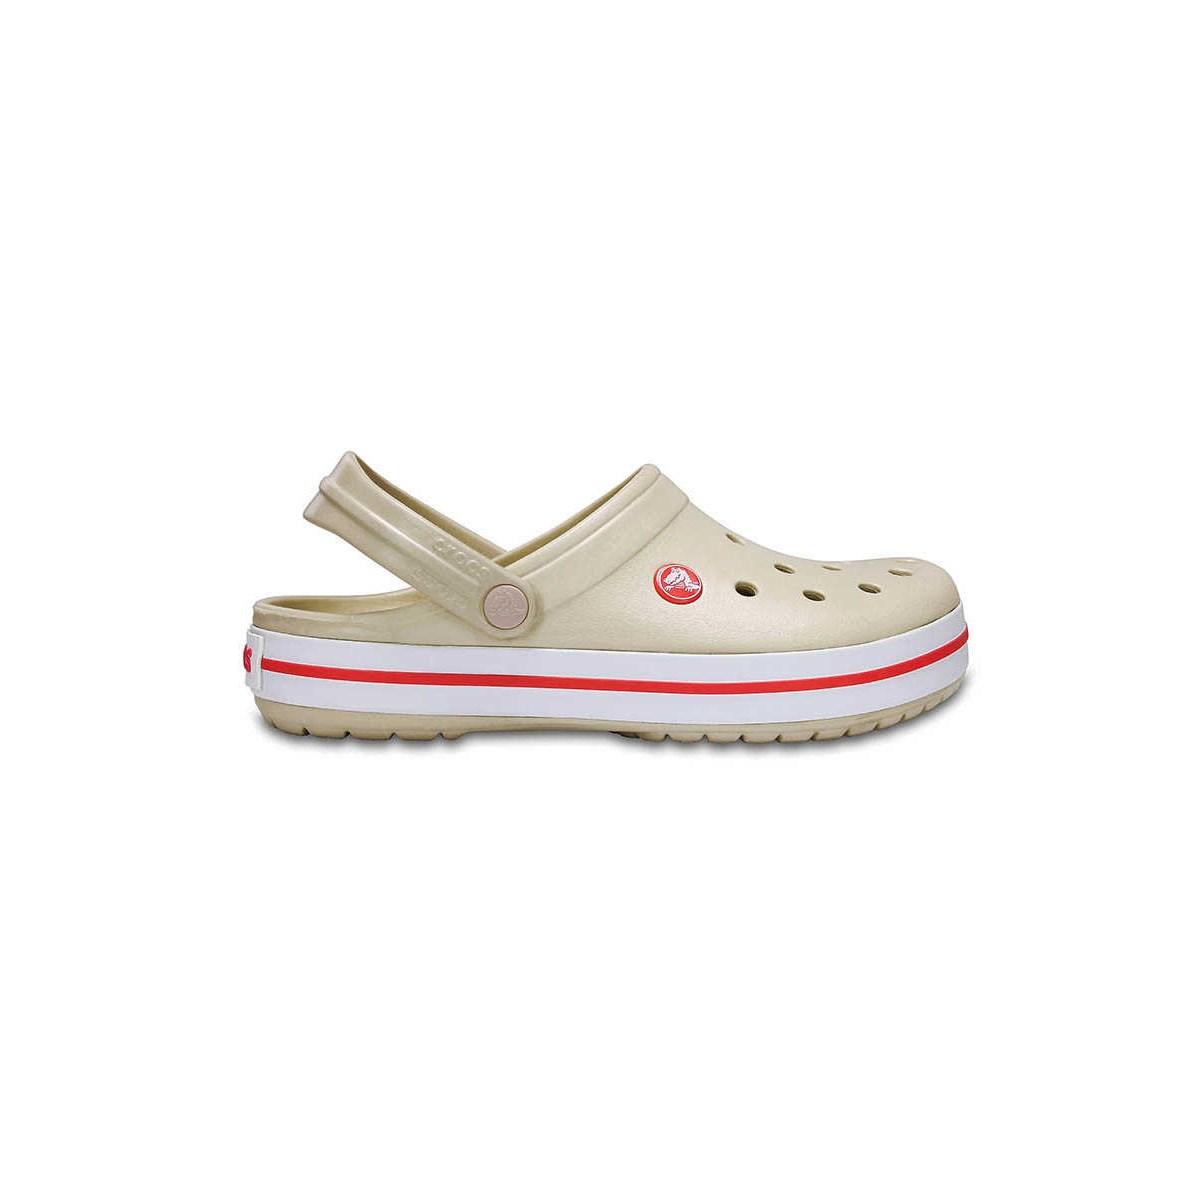 Crocs Crocband Kadın Krem Terlik (11016-1AS)